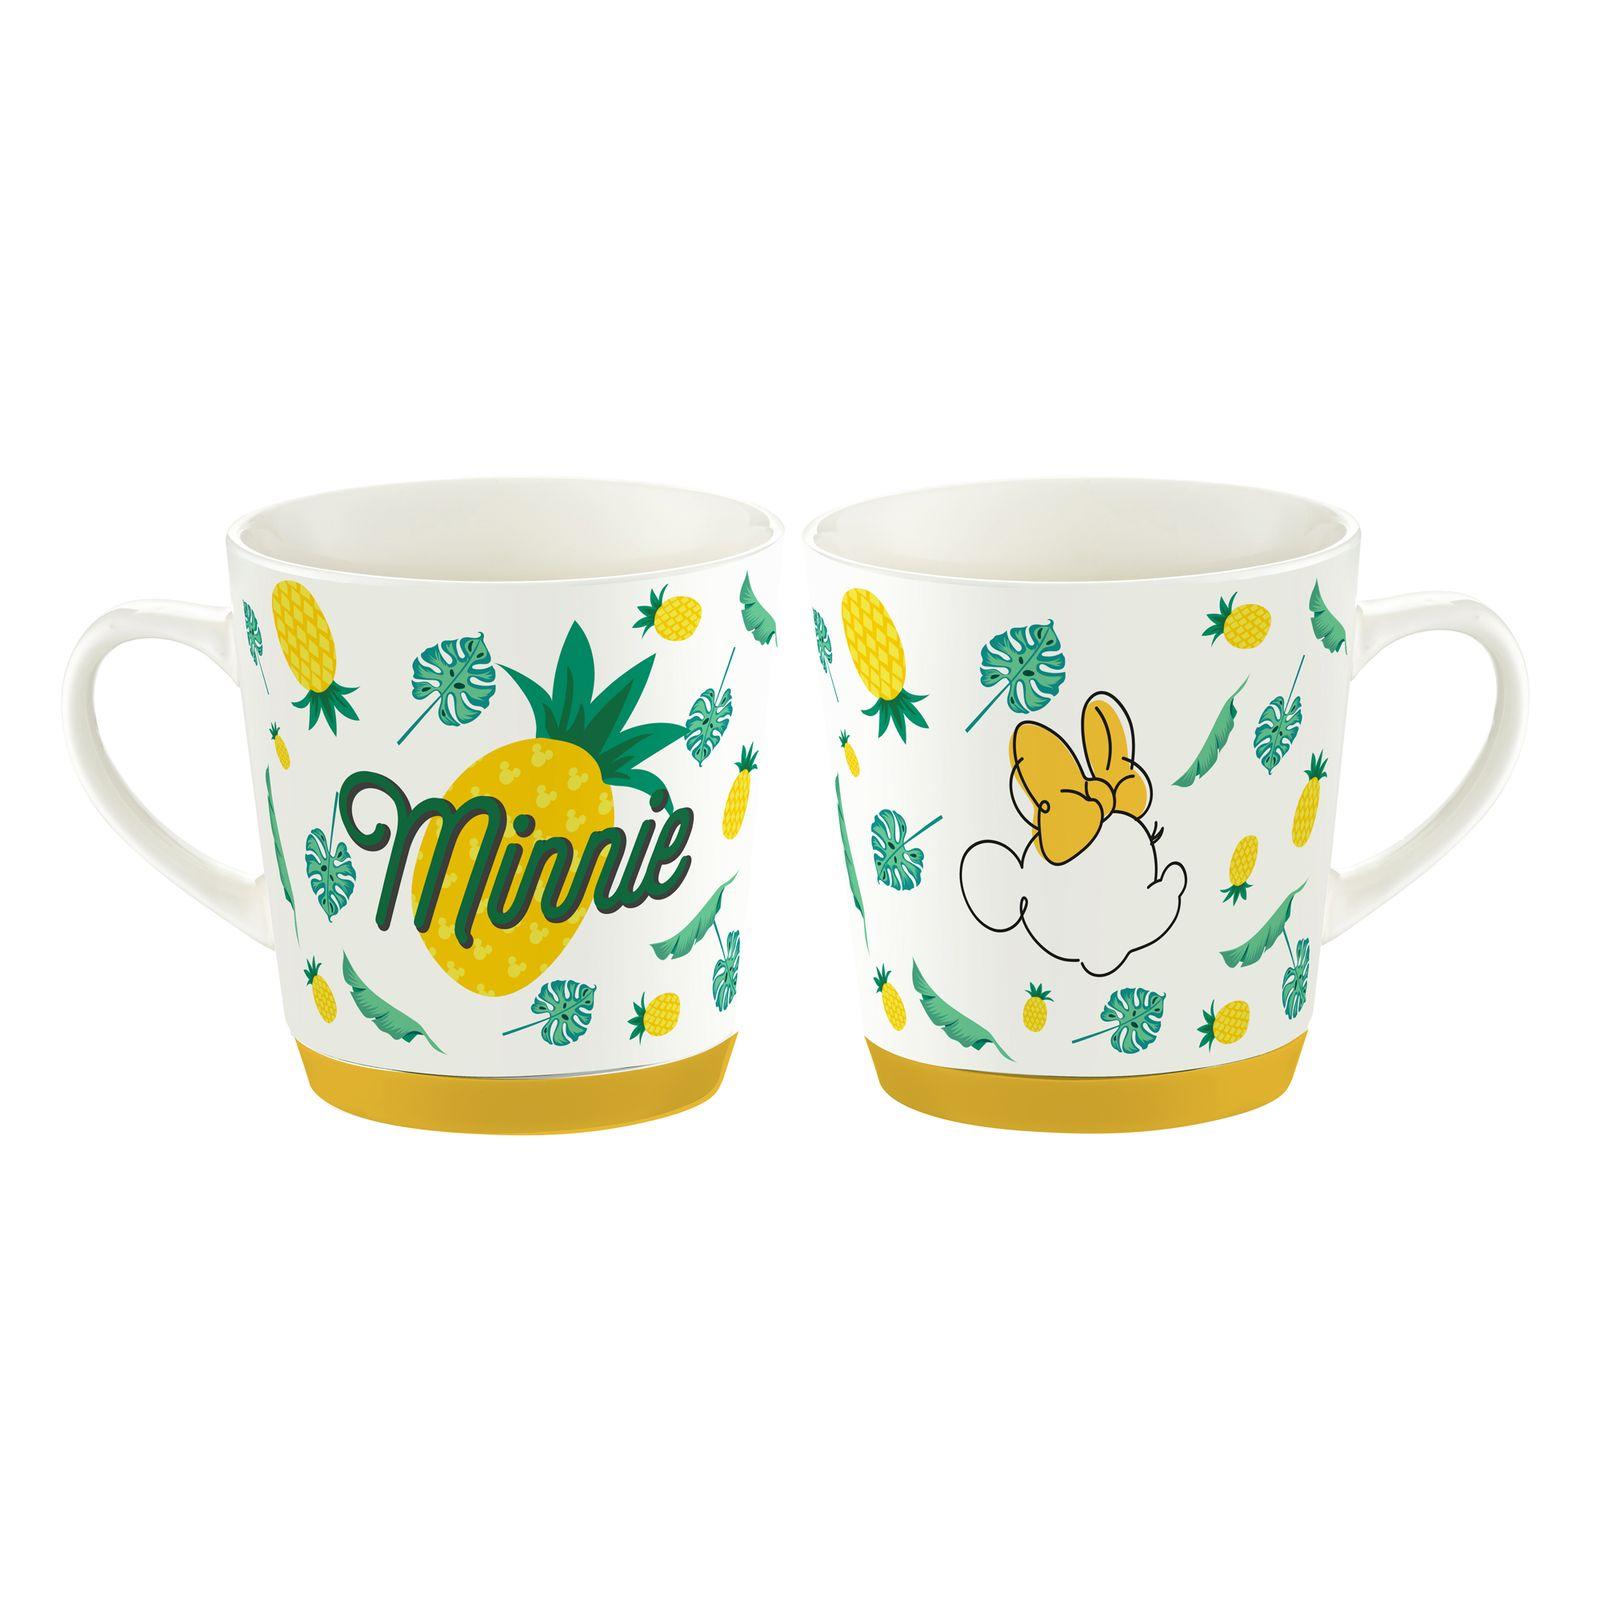 Tasse en porcelaine Minnie Tropical 32 cl Ananas DISNEY / AMBITION